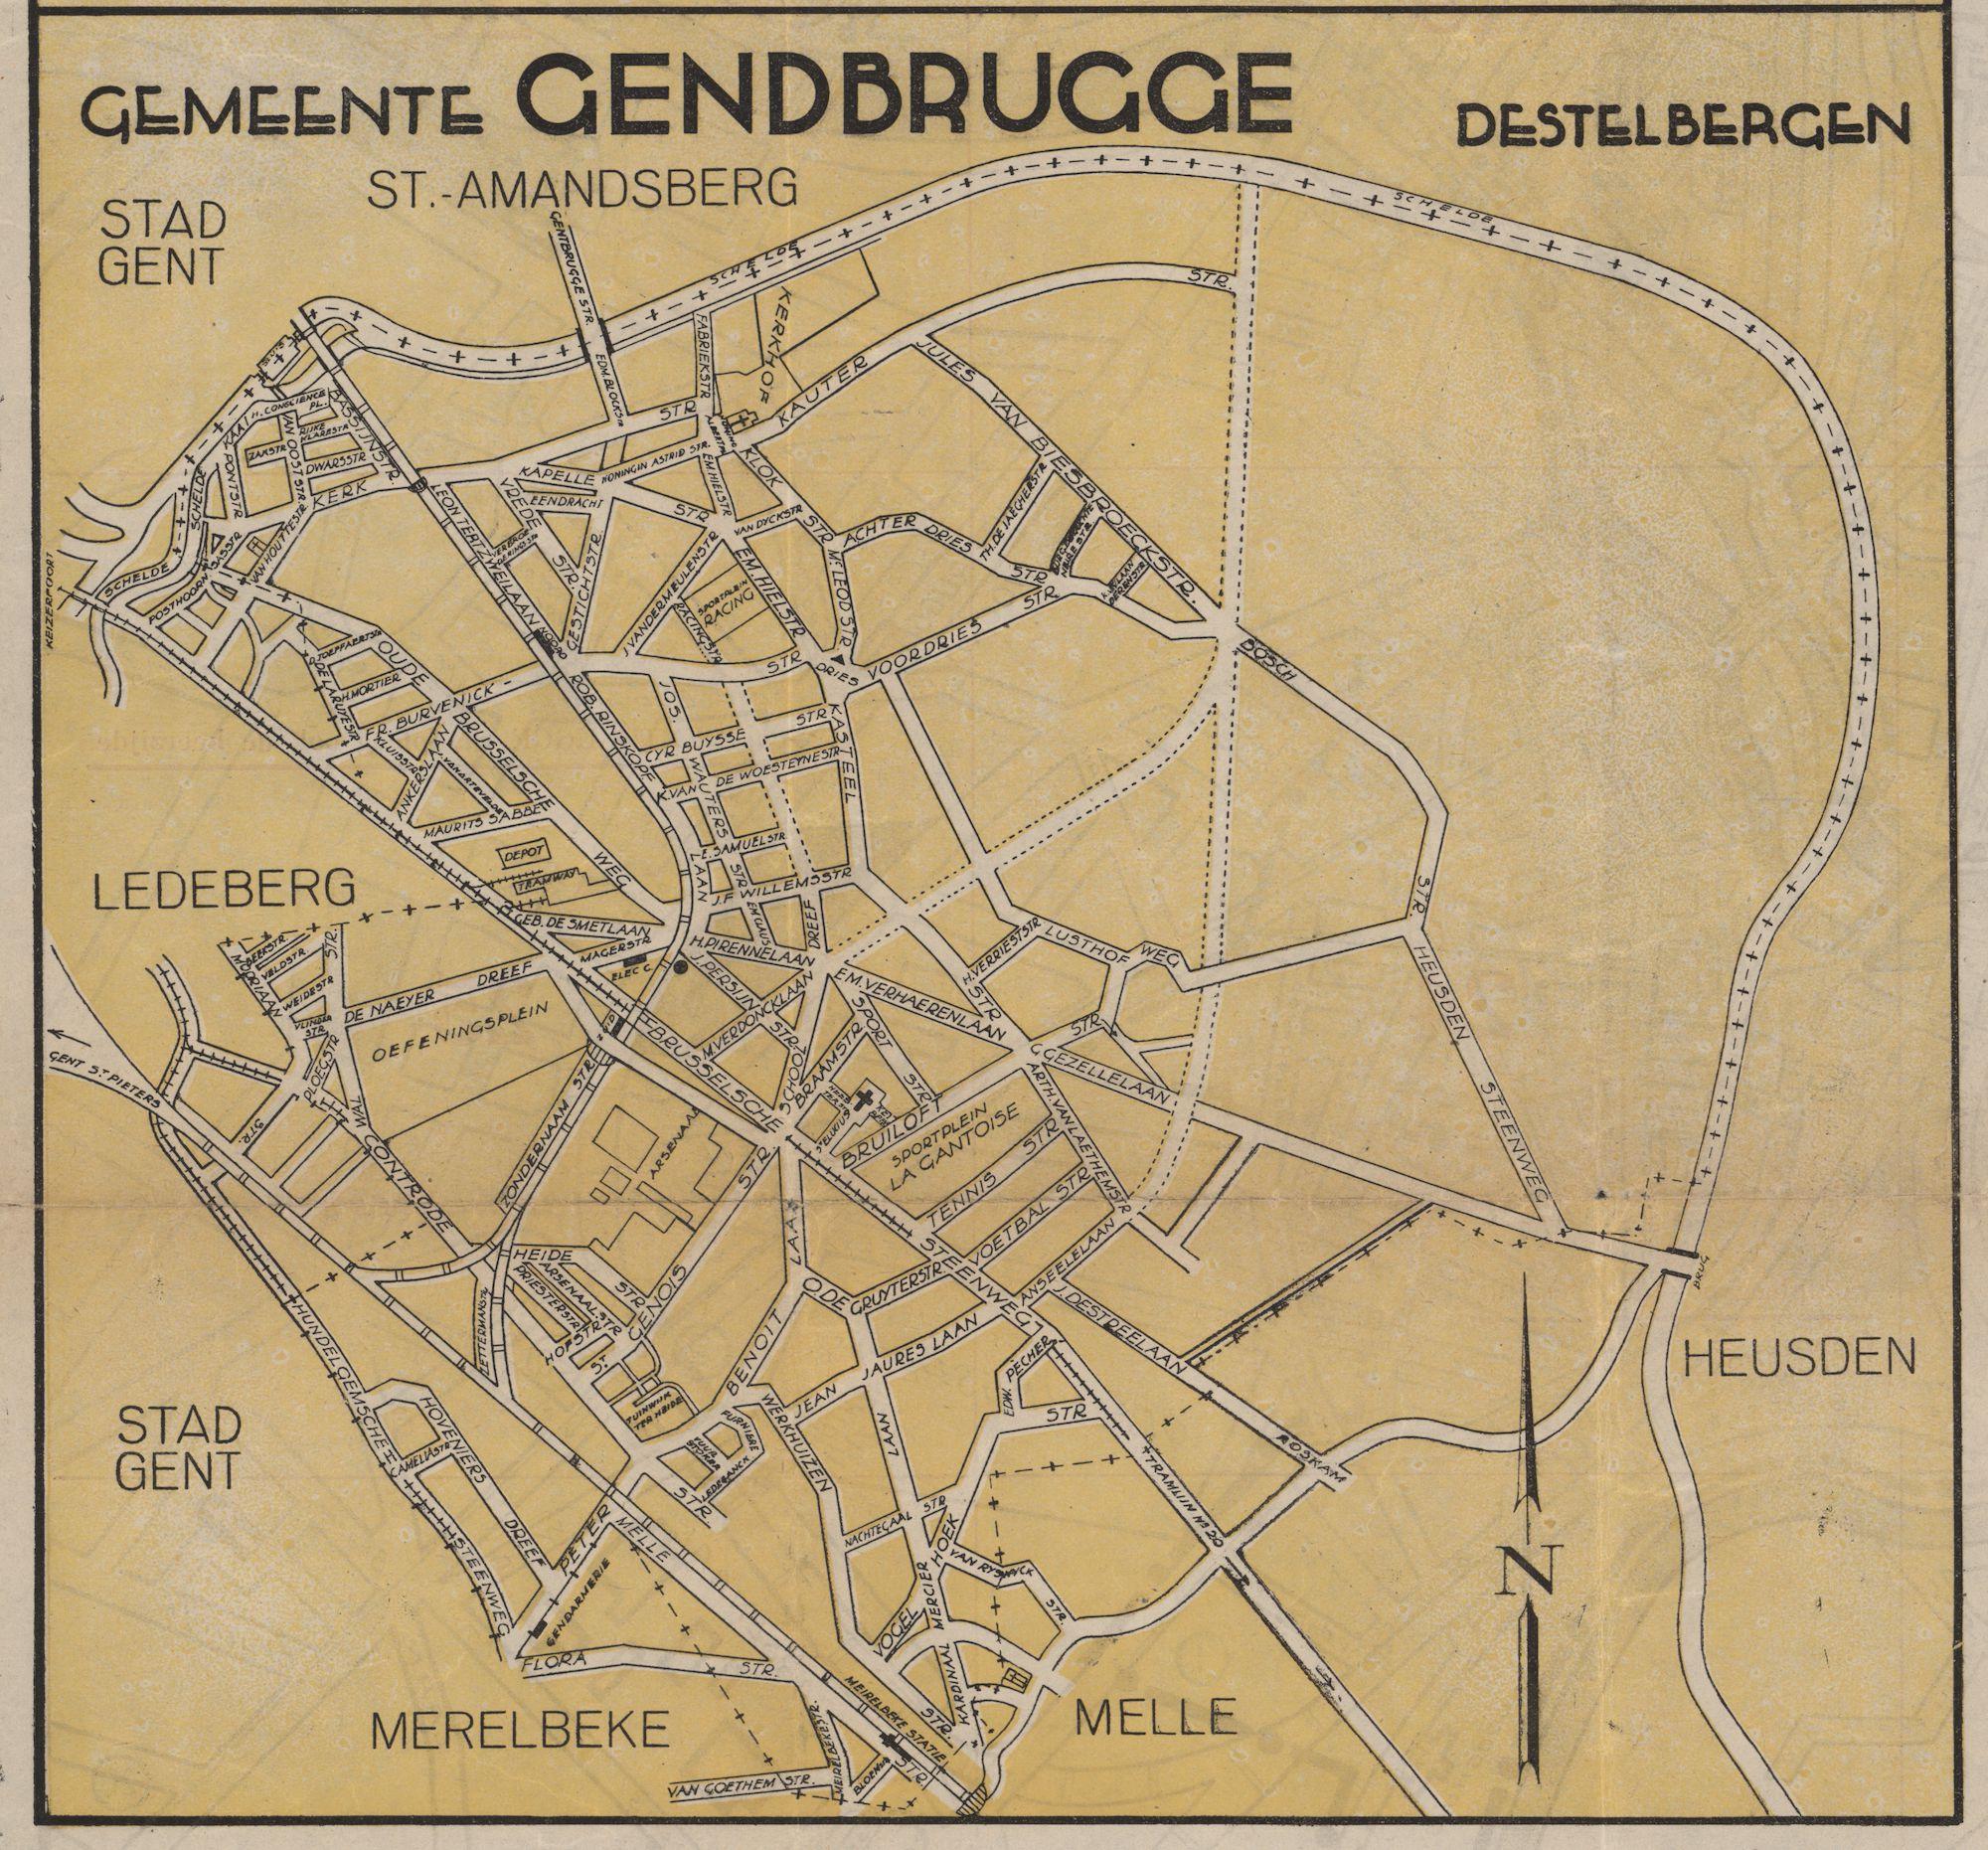 Kaart van de gemeente Gentbrugge, c.1950